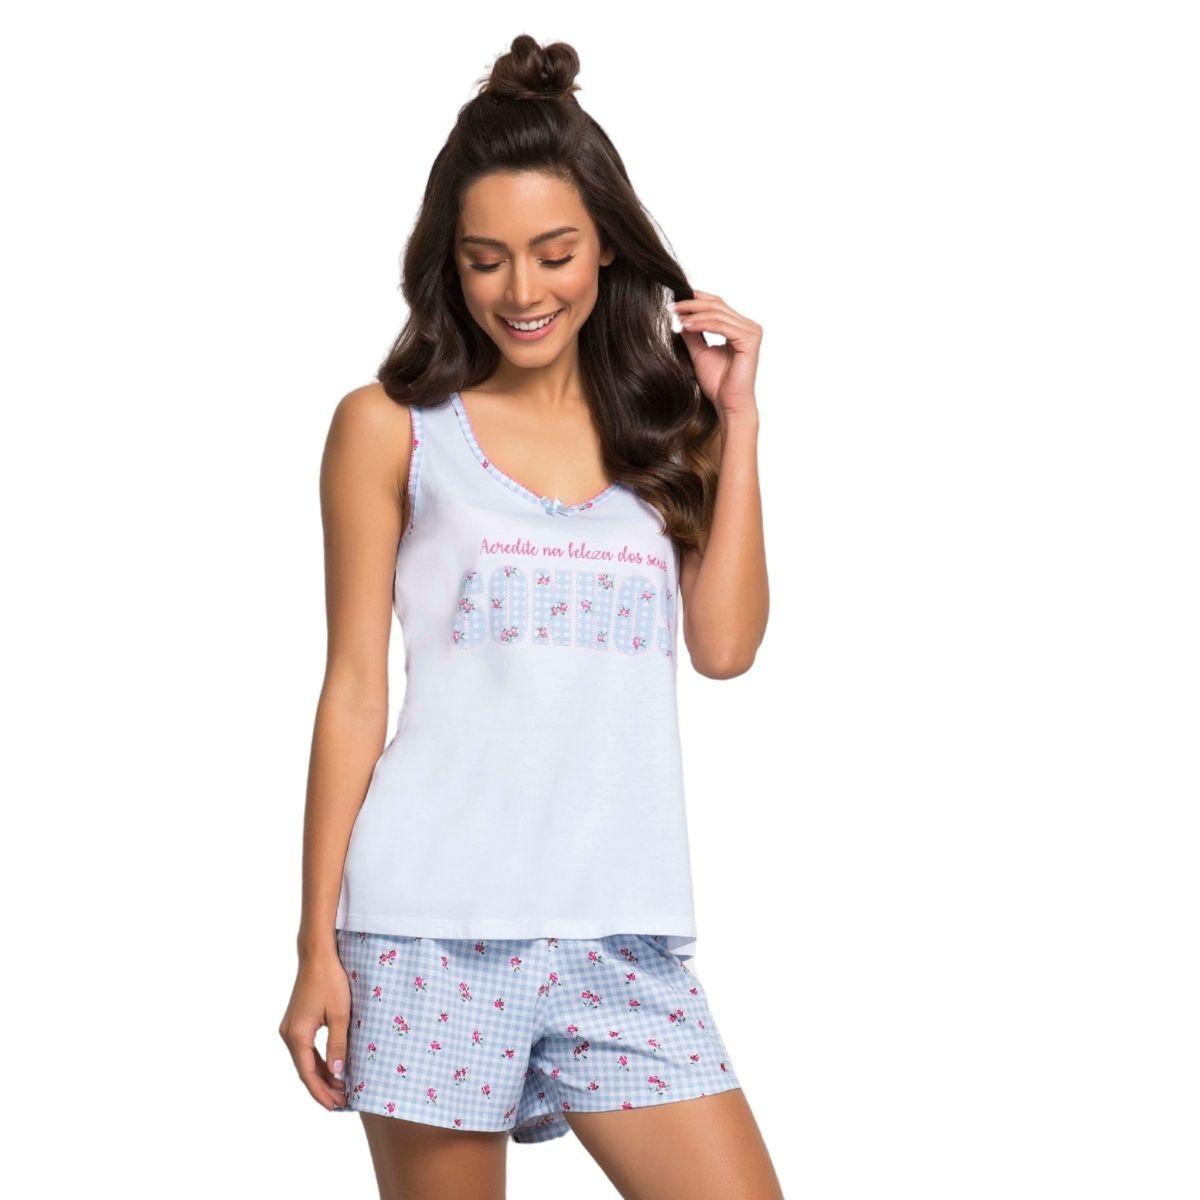 Pijama algodão feminino regata coleção sonho florzinha short